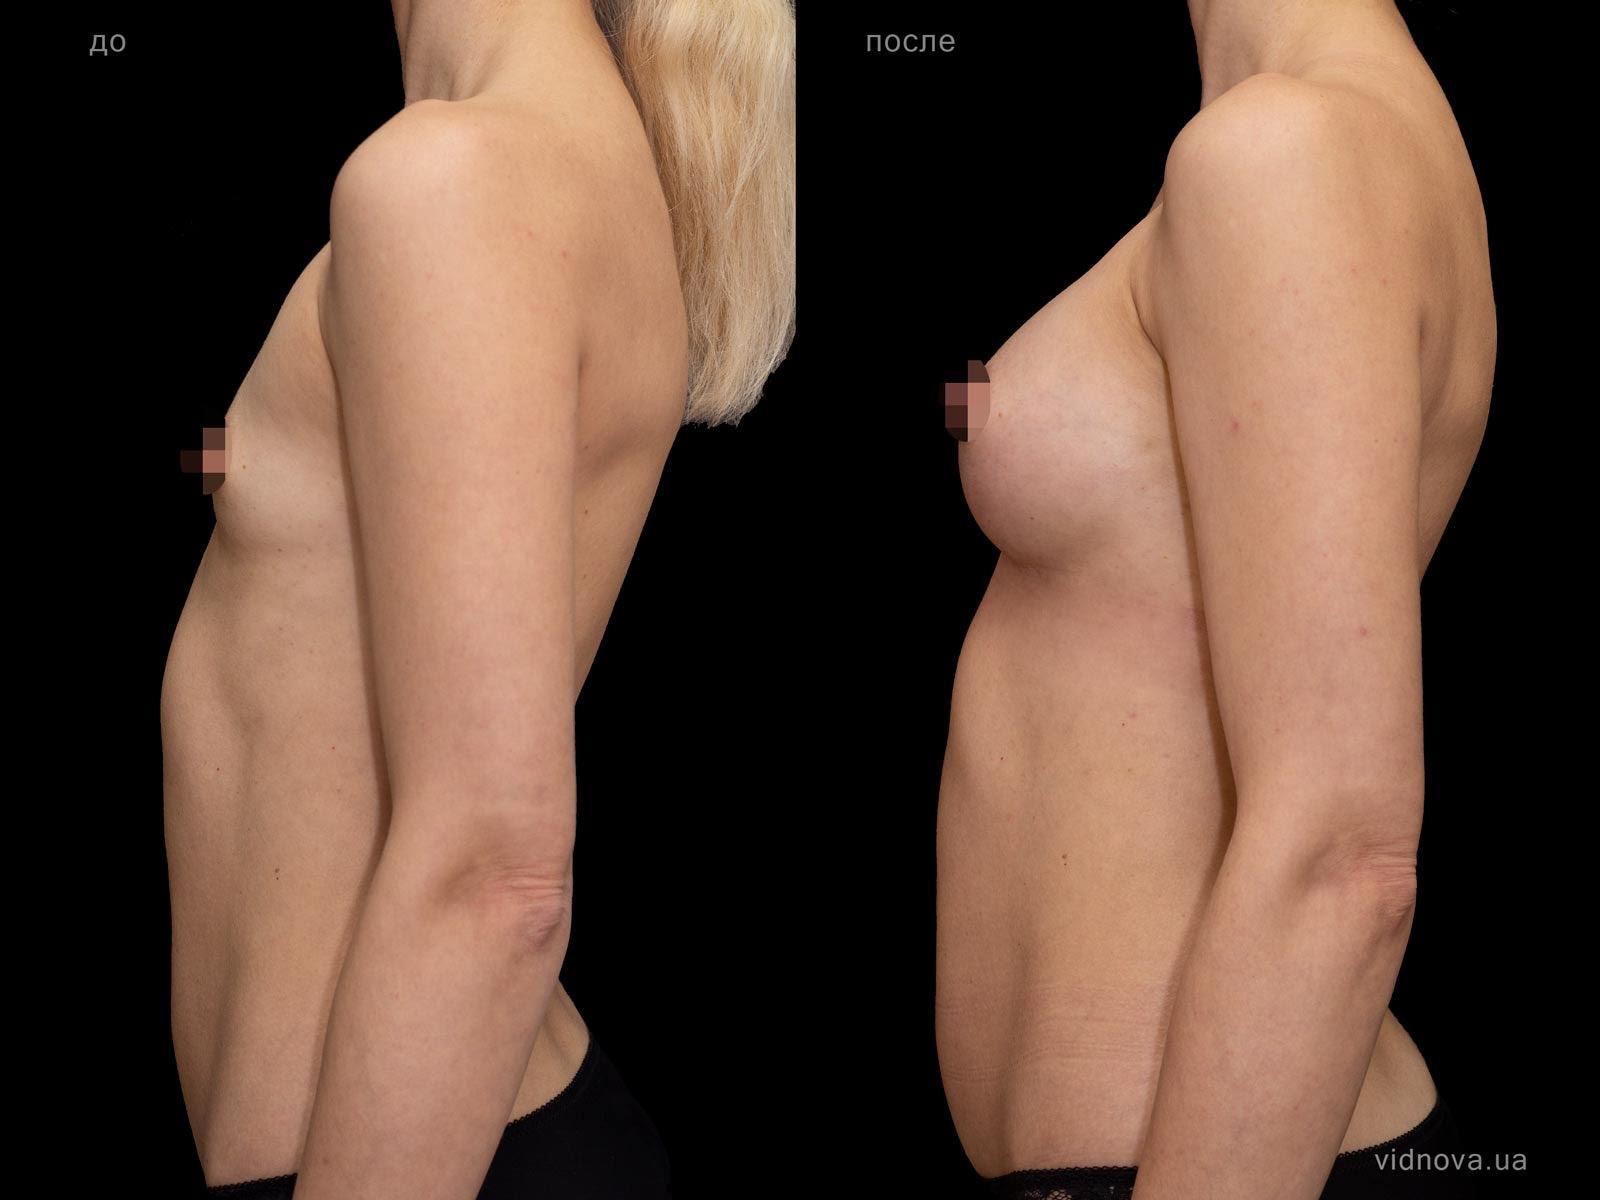 Пластика груди: результаты до и после - Пример №106-2 - Светлана Работенко